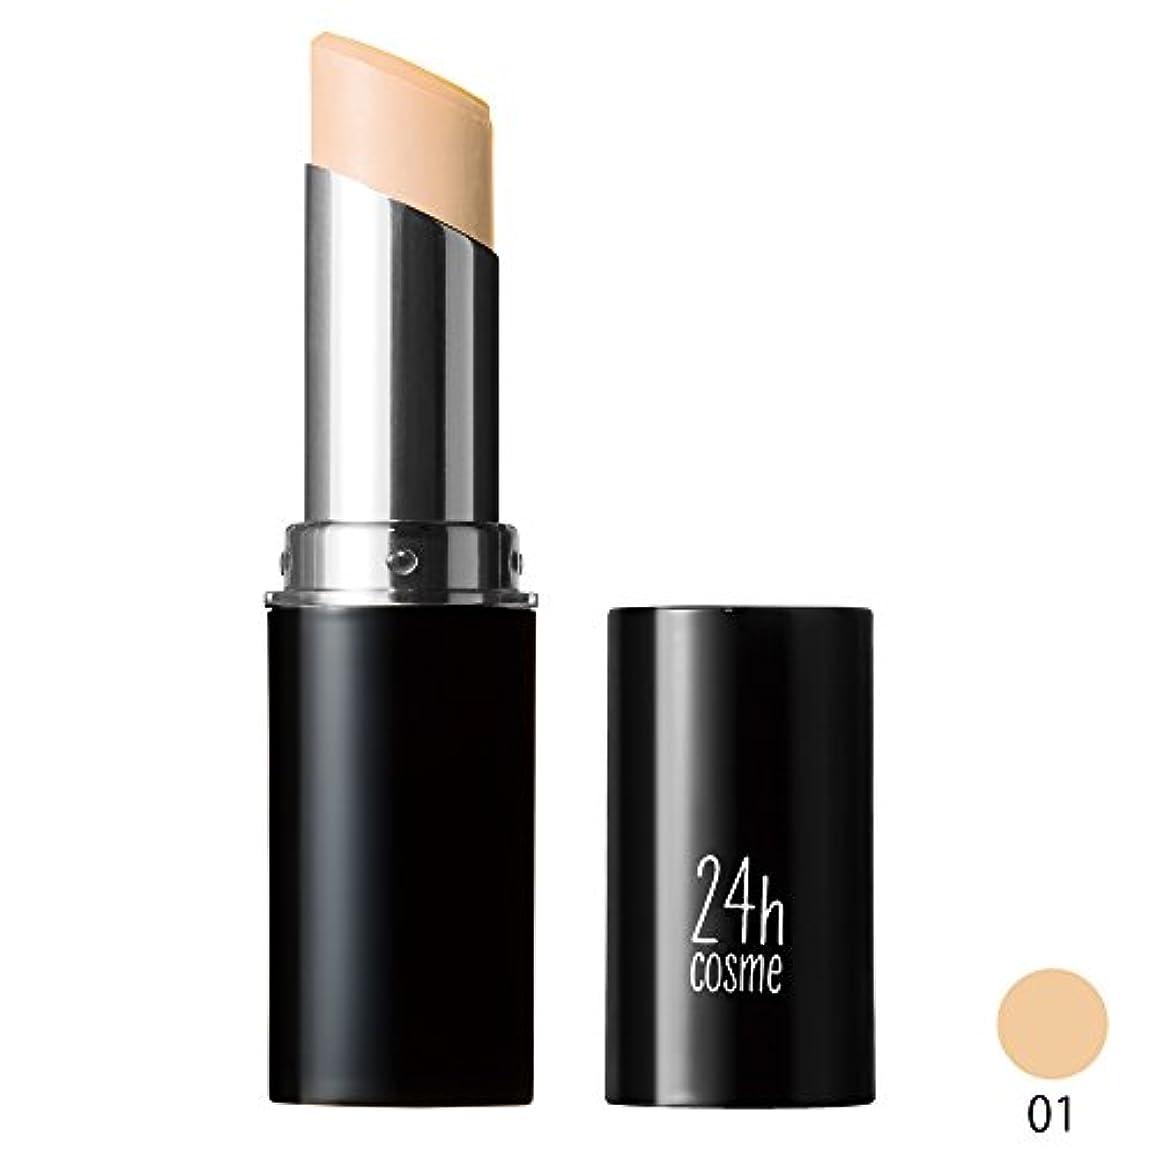 機動女の子毎年24h cosme 24 ミネラルスティックファンデ 01ベリーライト SPF50+/PA++++